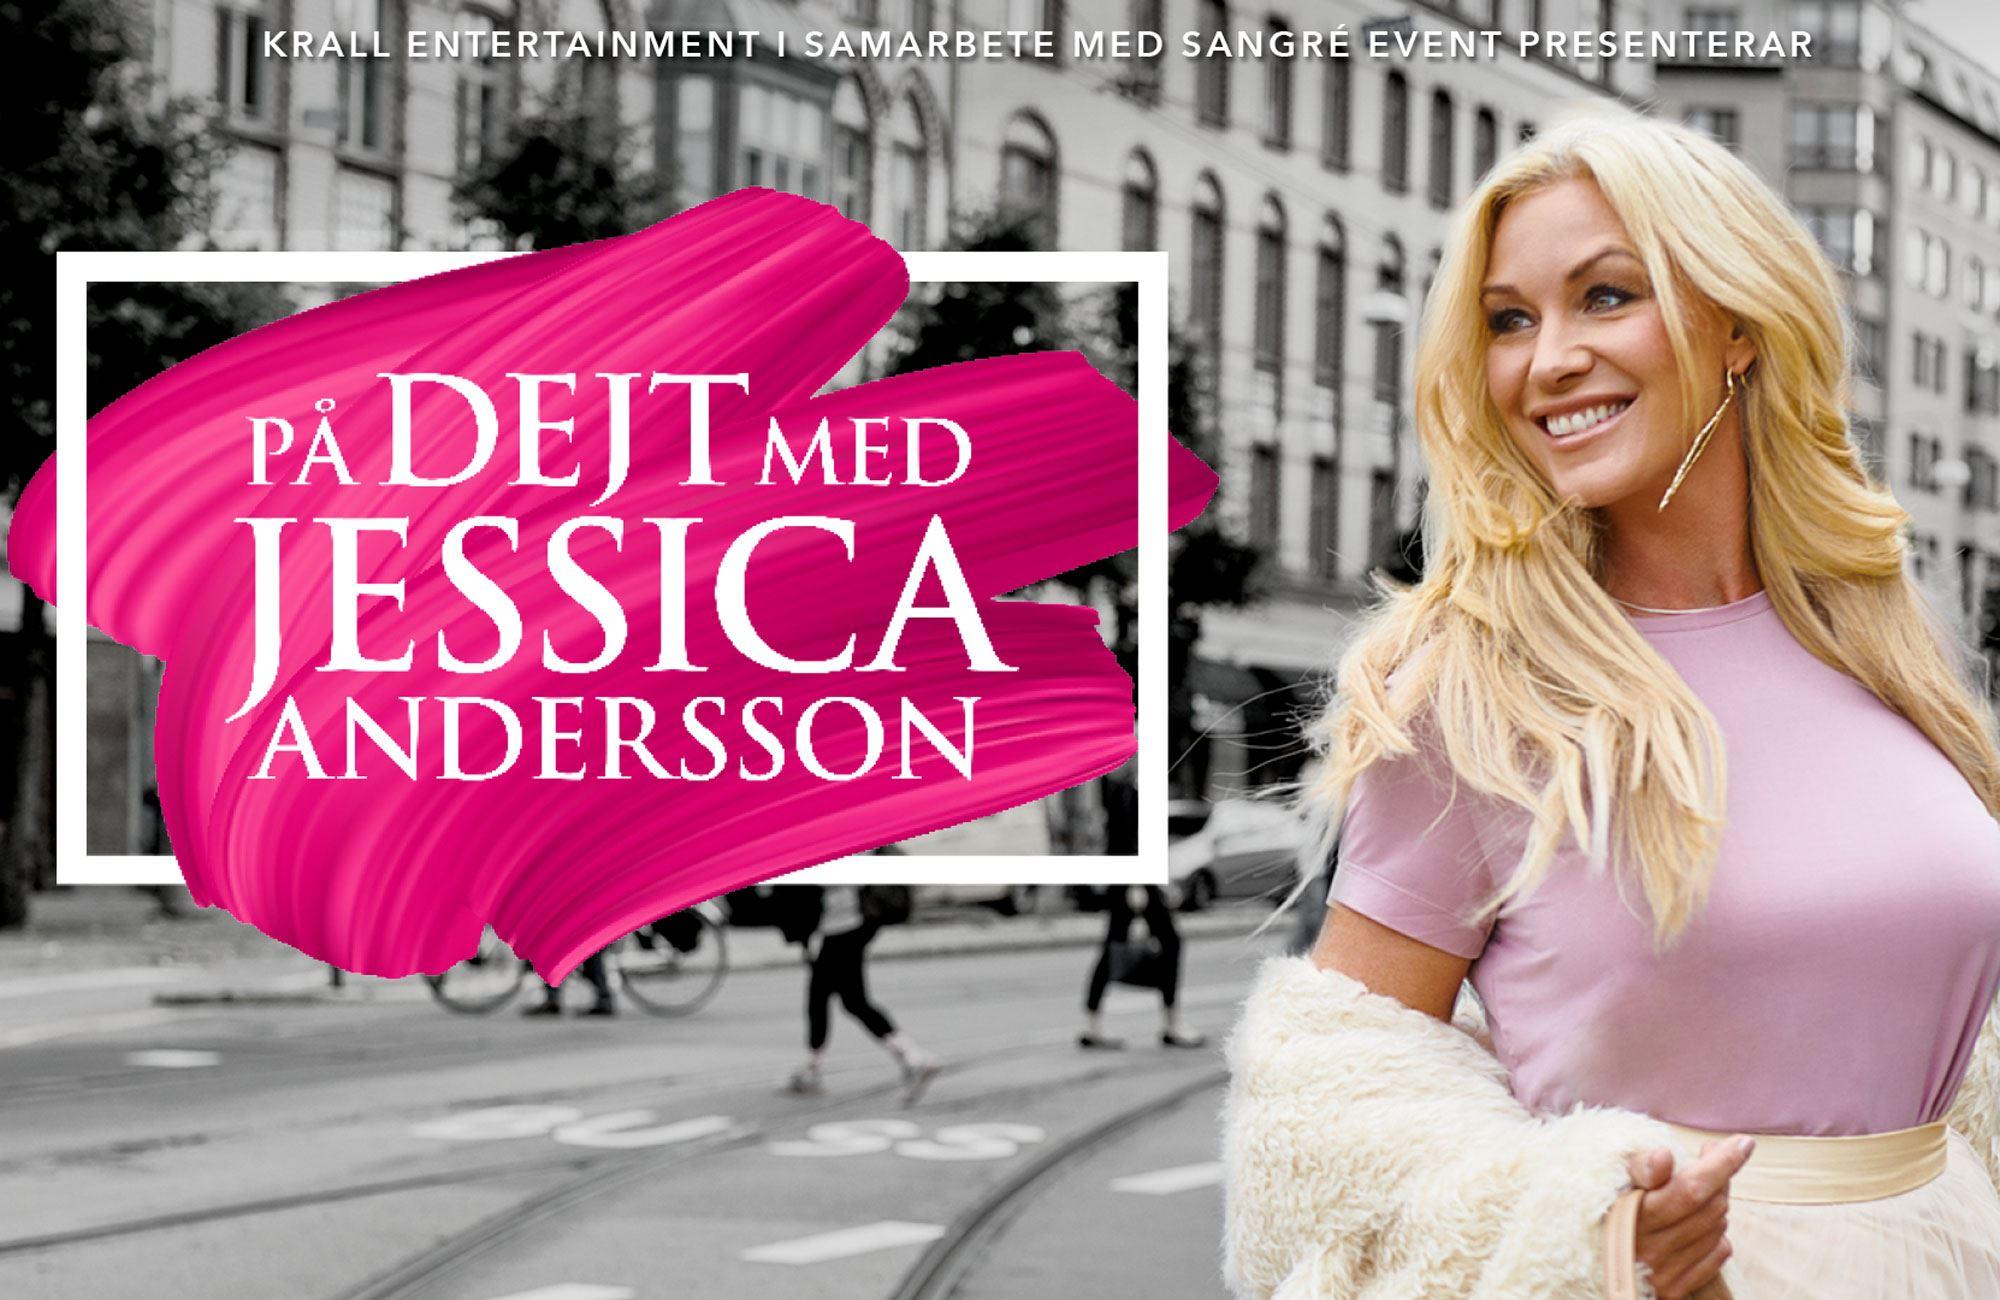 PÅ DEJT MED JESSICA ANDERSSON